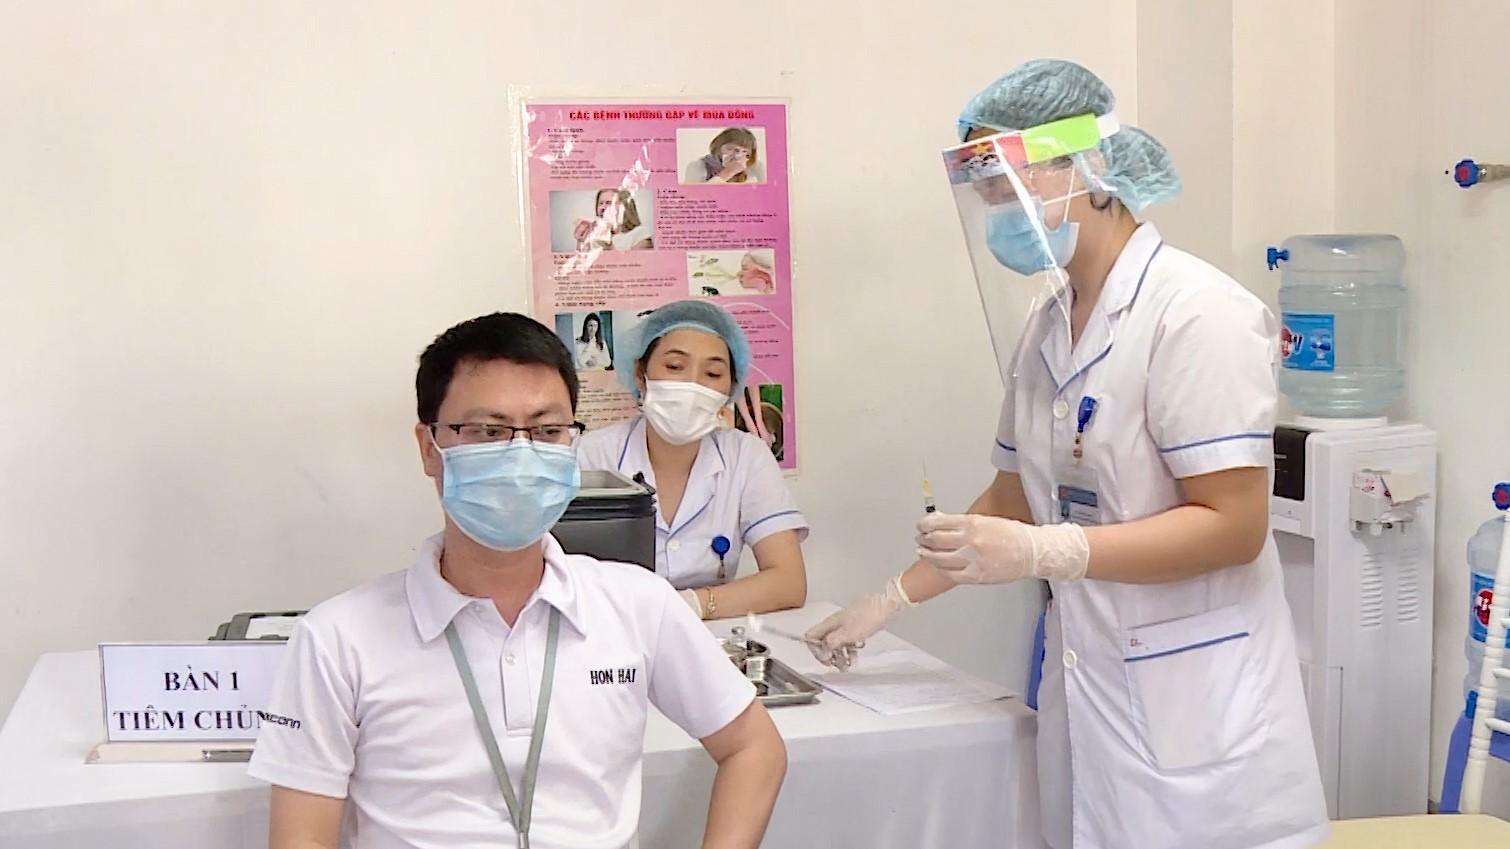 Thứ trưởng Y tế Trương Quốc Cường trả lời về chất lượng vaccine Covid-19